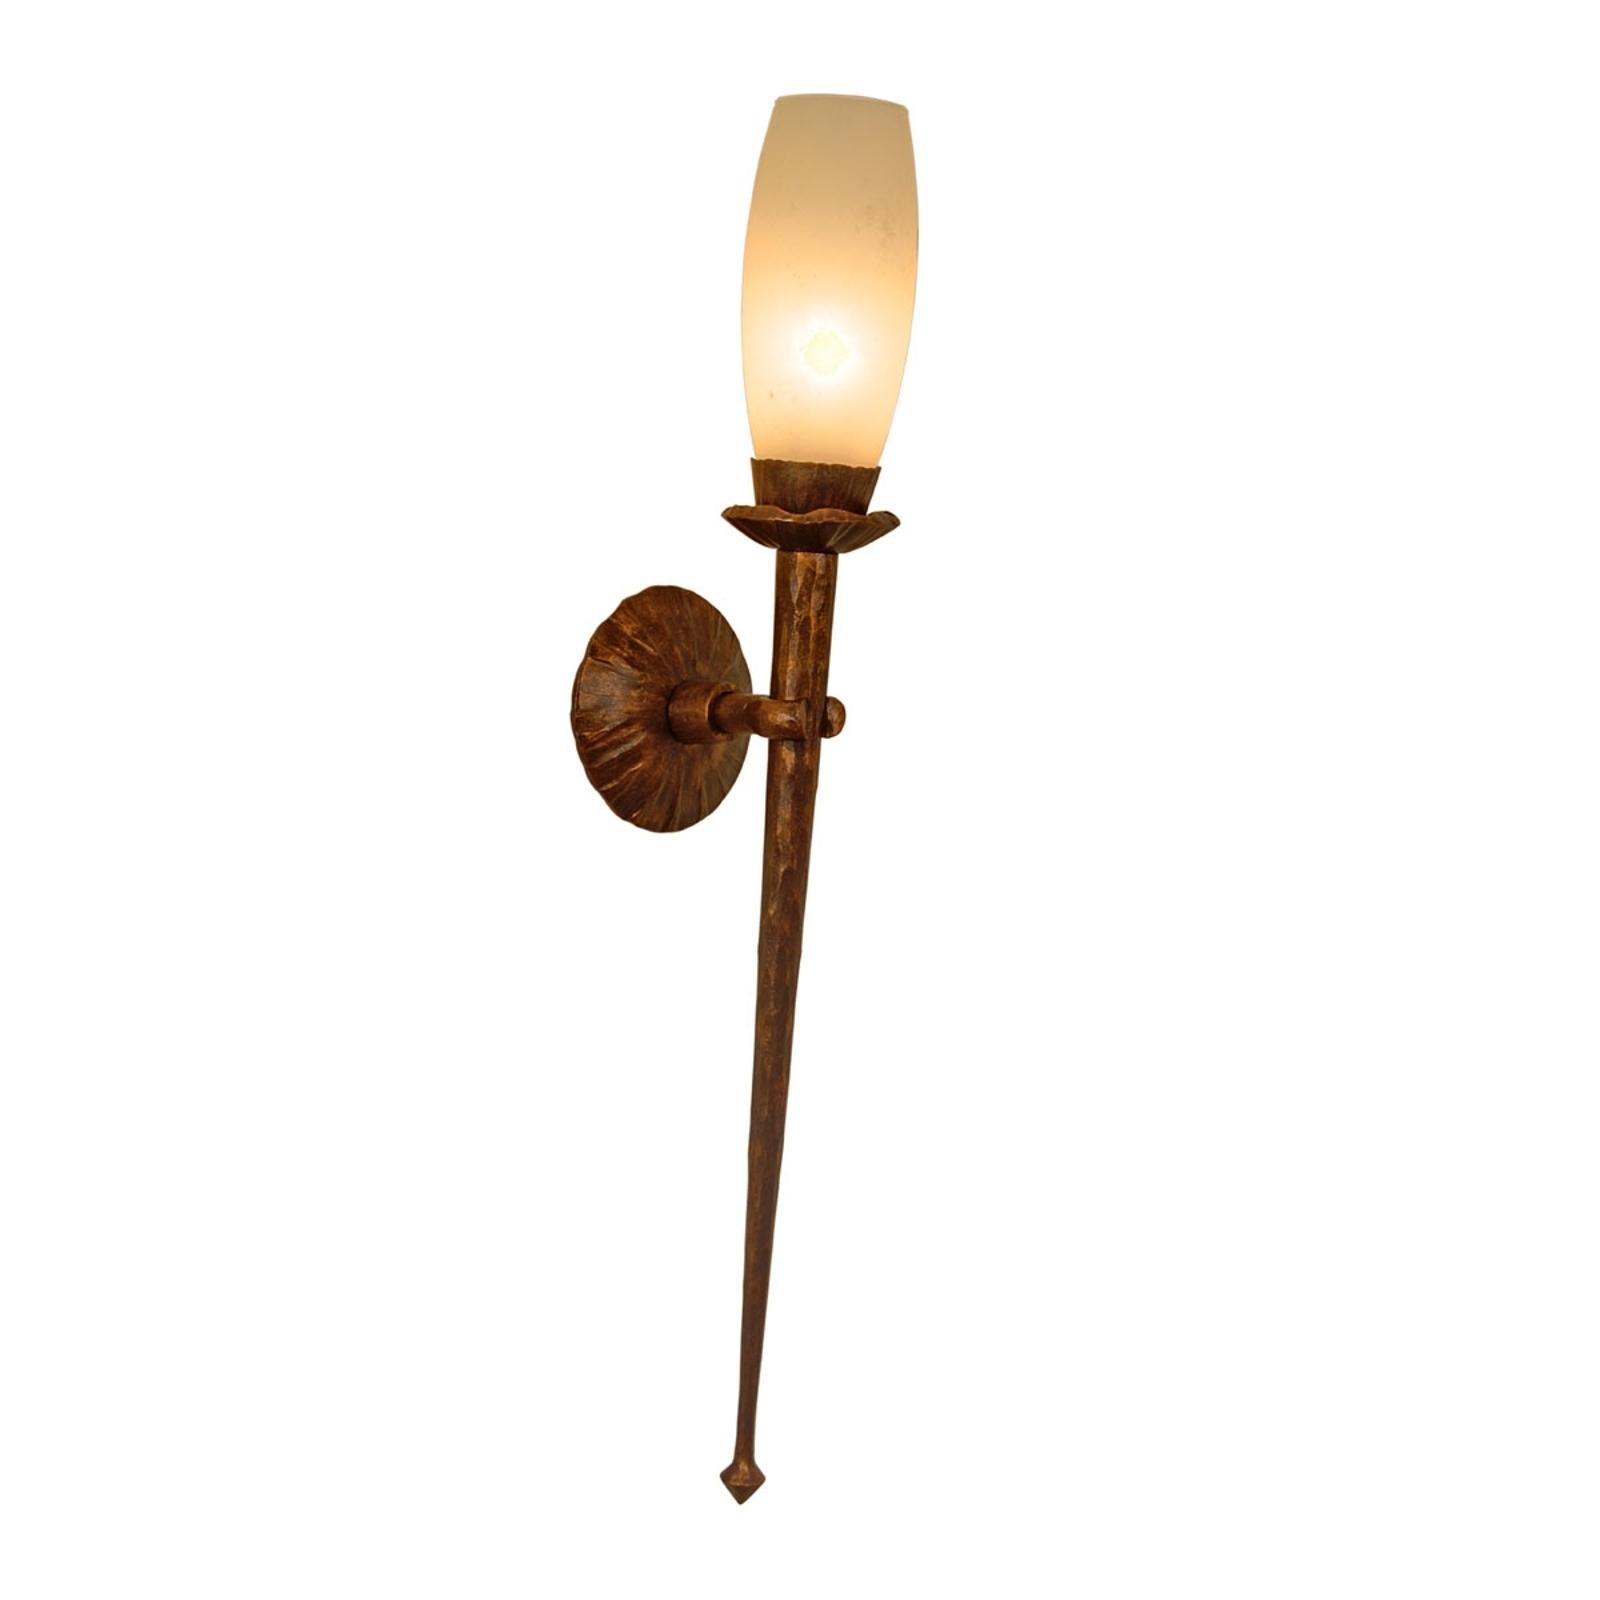 Gesmede wandlamp CHATEAU